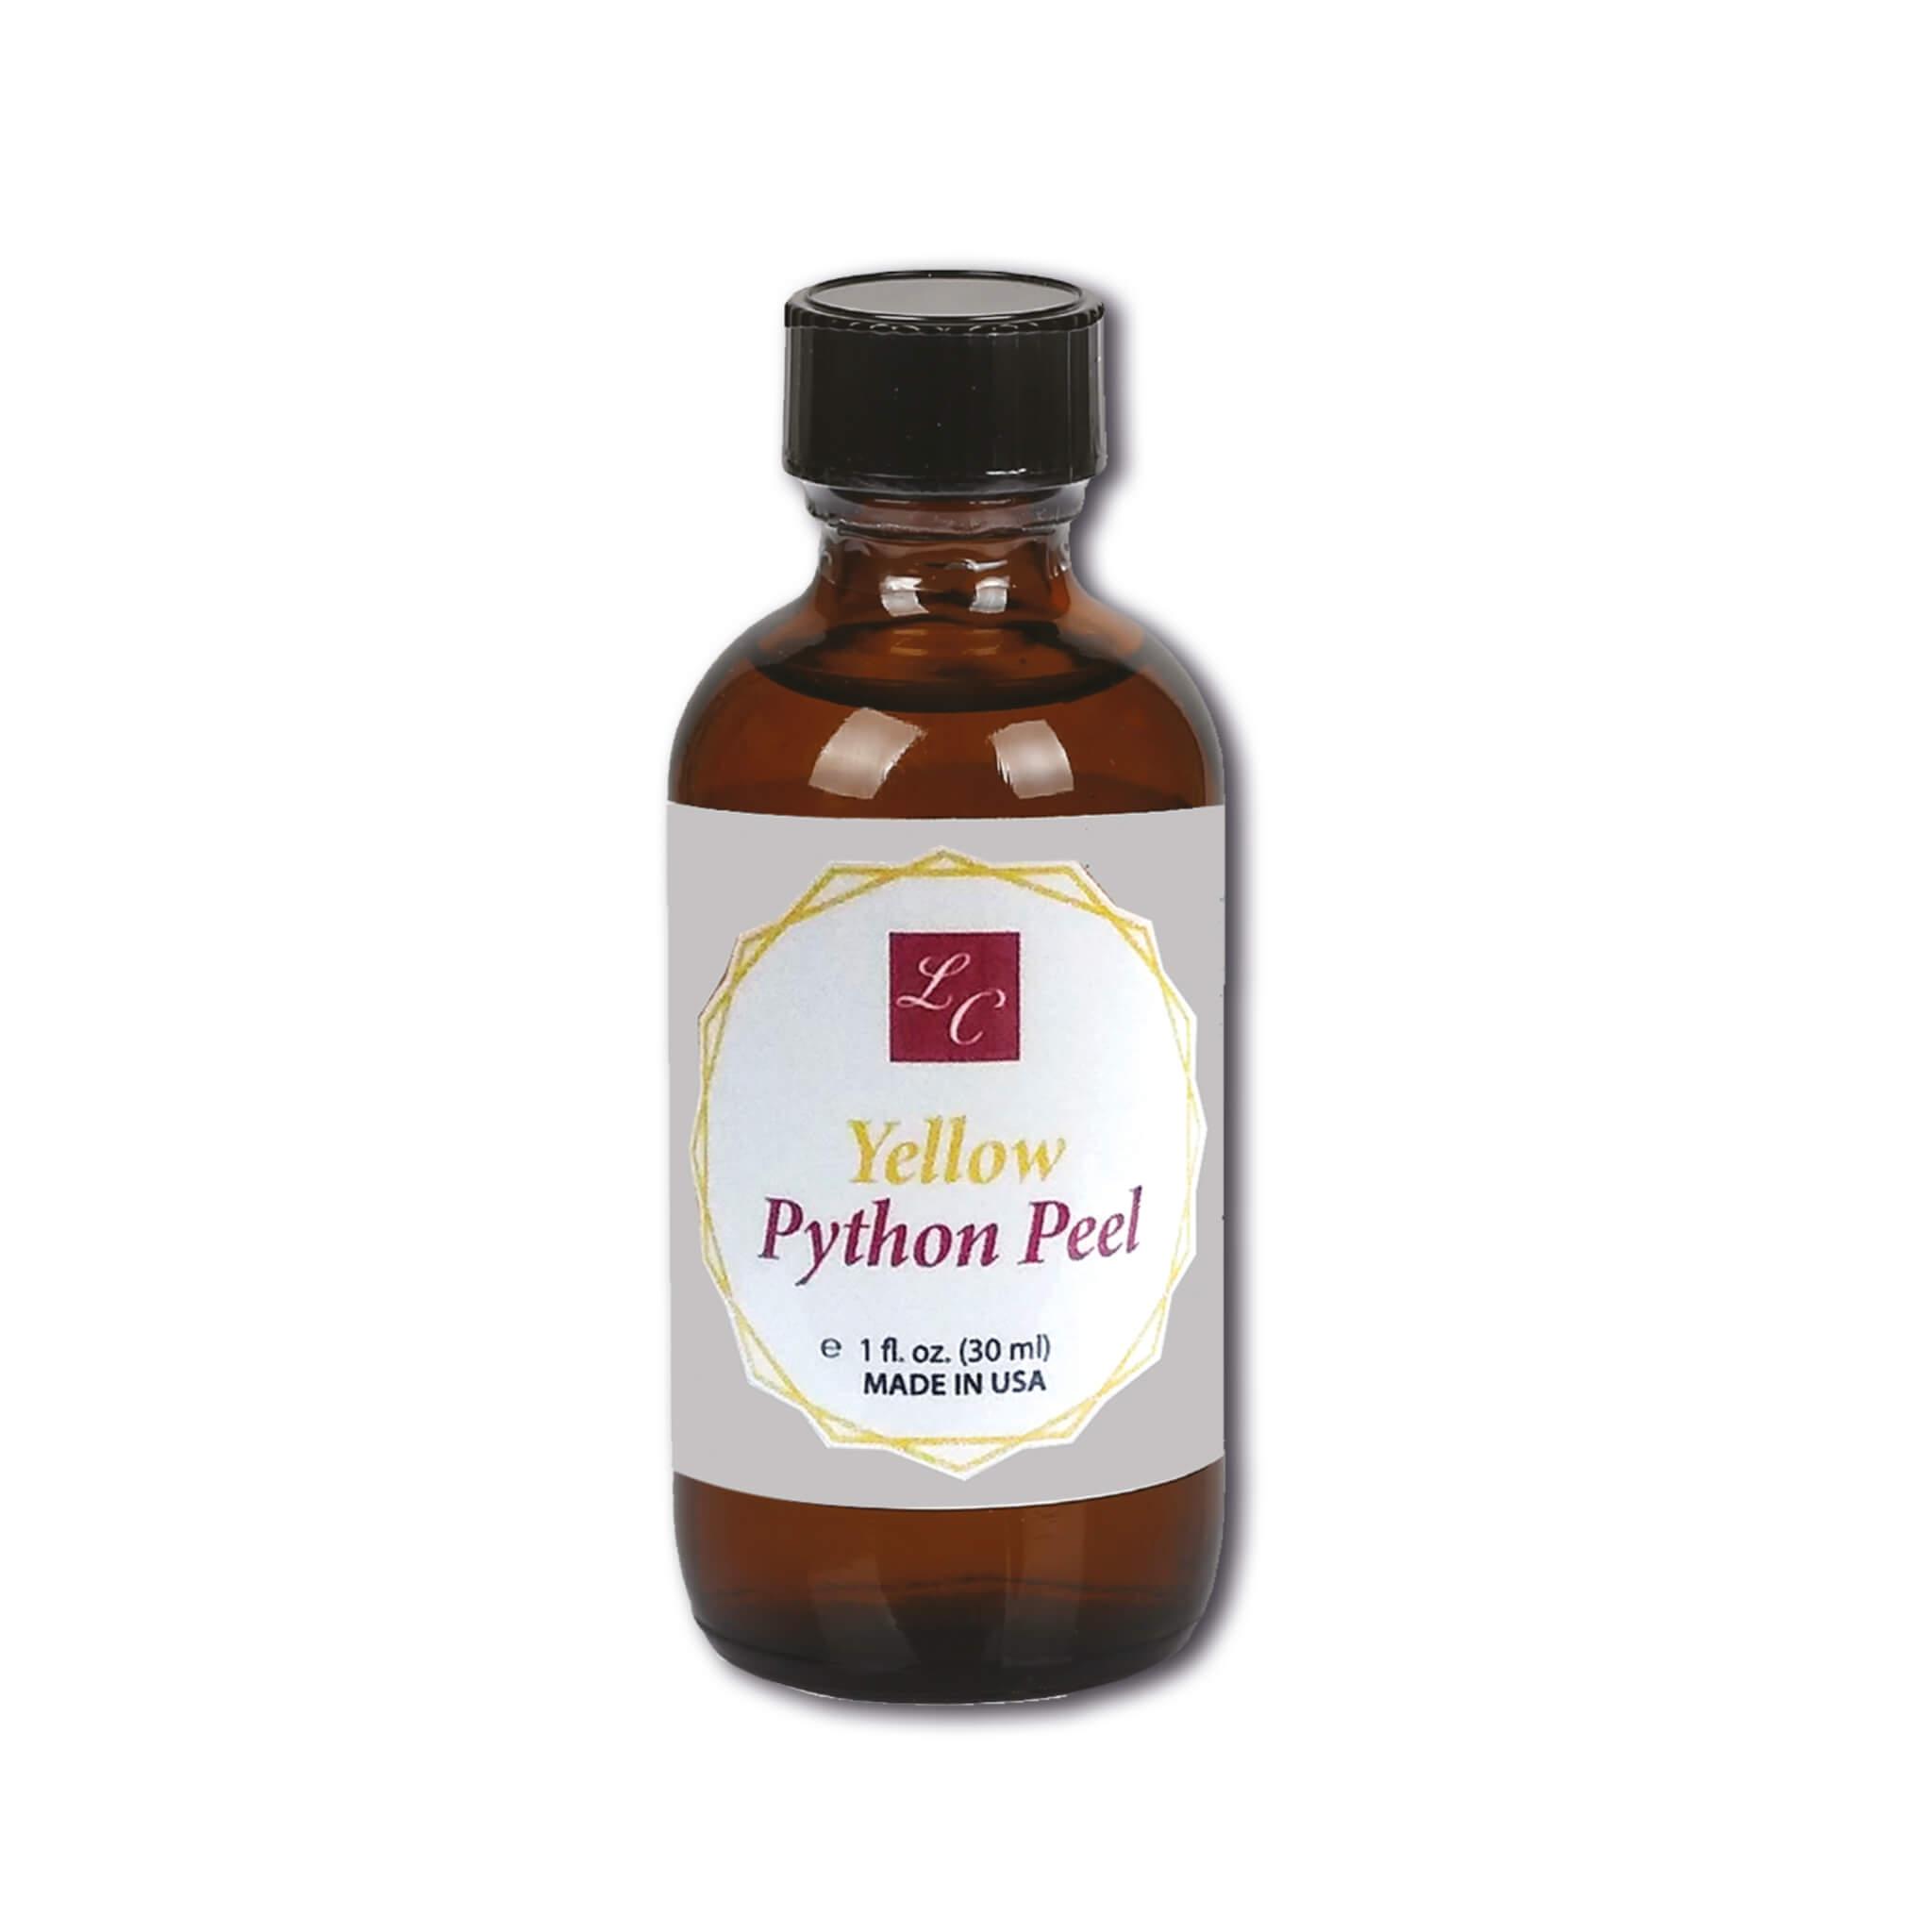 LC Peel Желтый Питоновый Пилинг, 30 мл